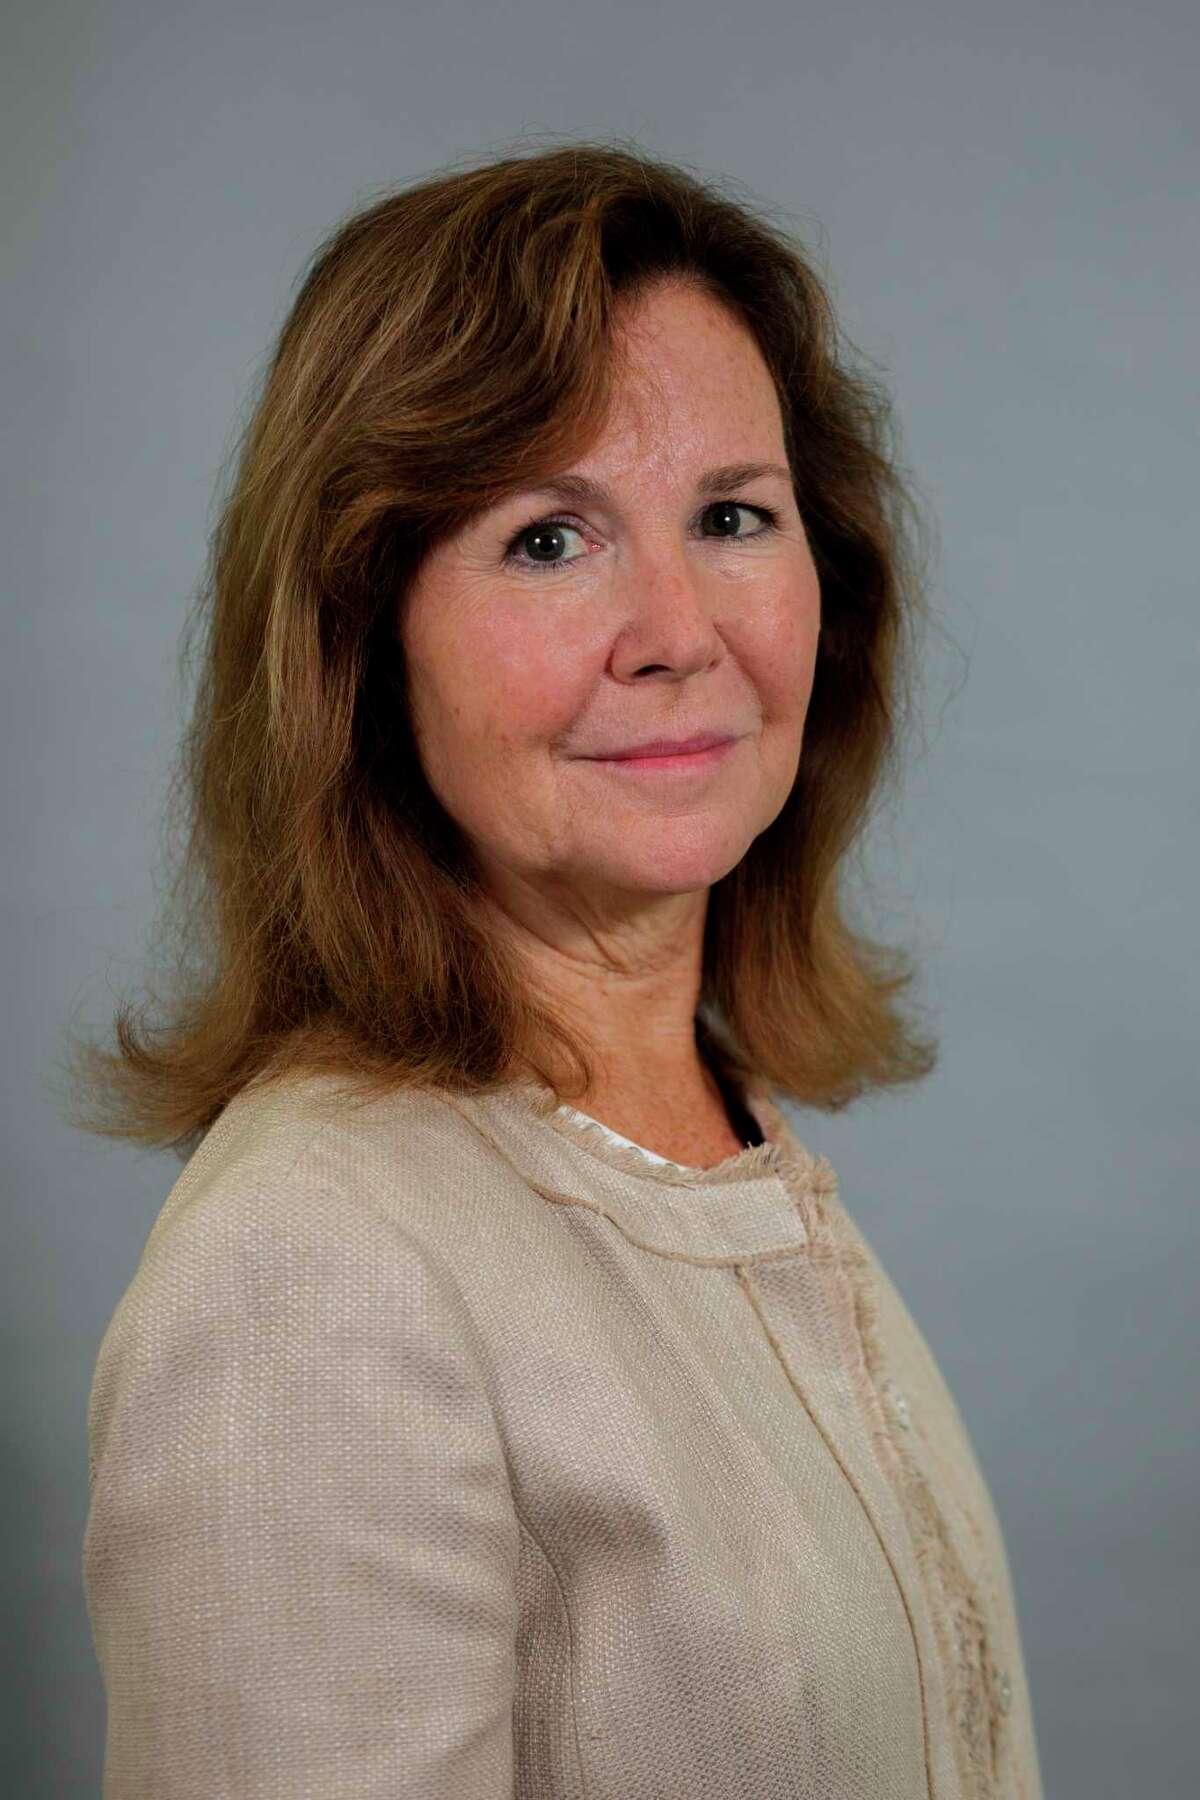 Mary Beth Thornton